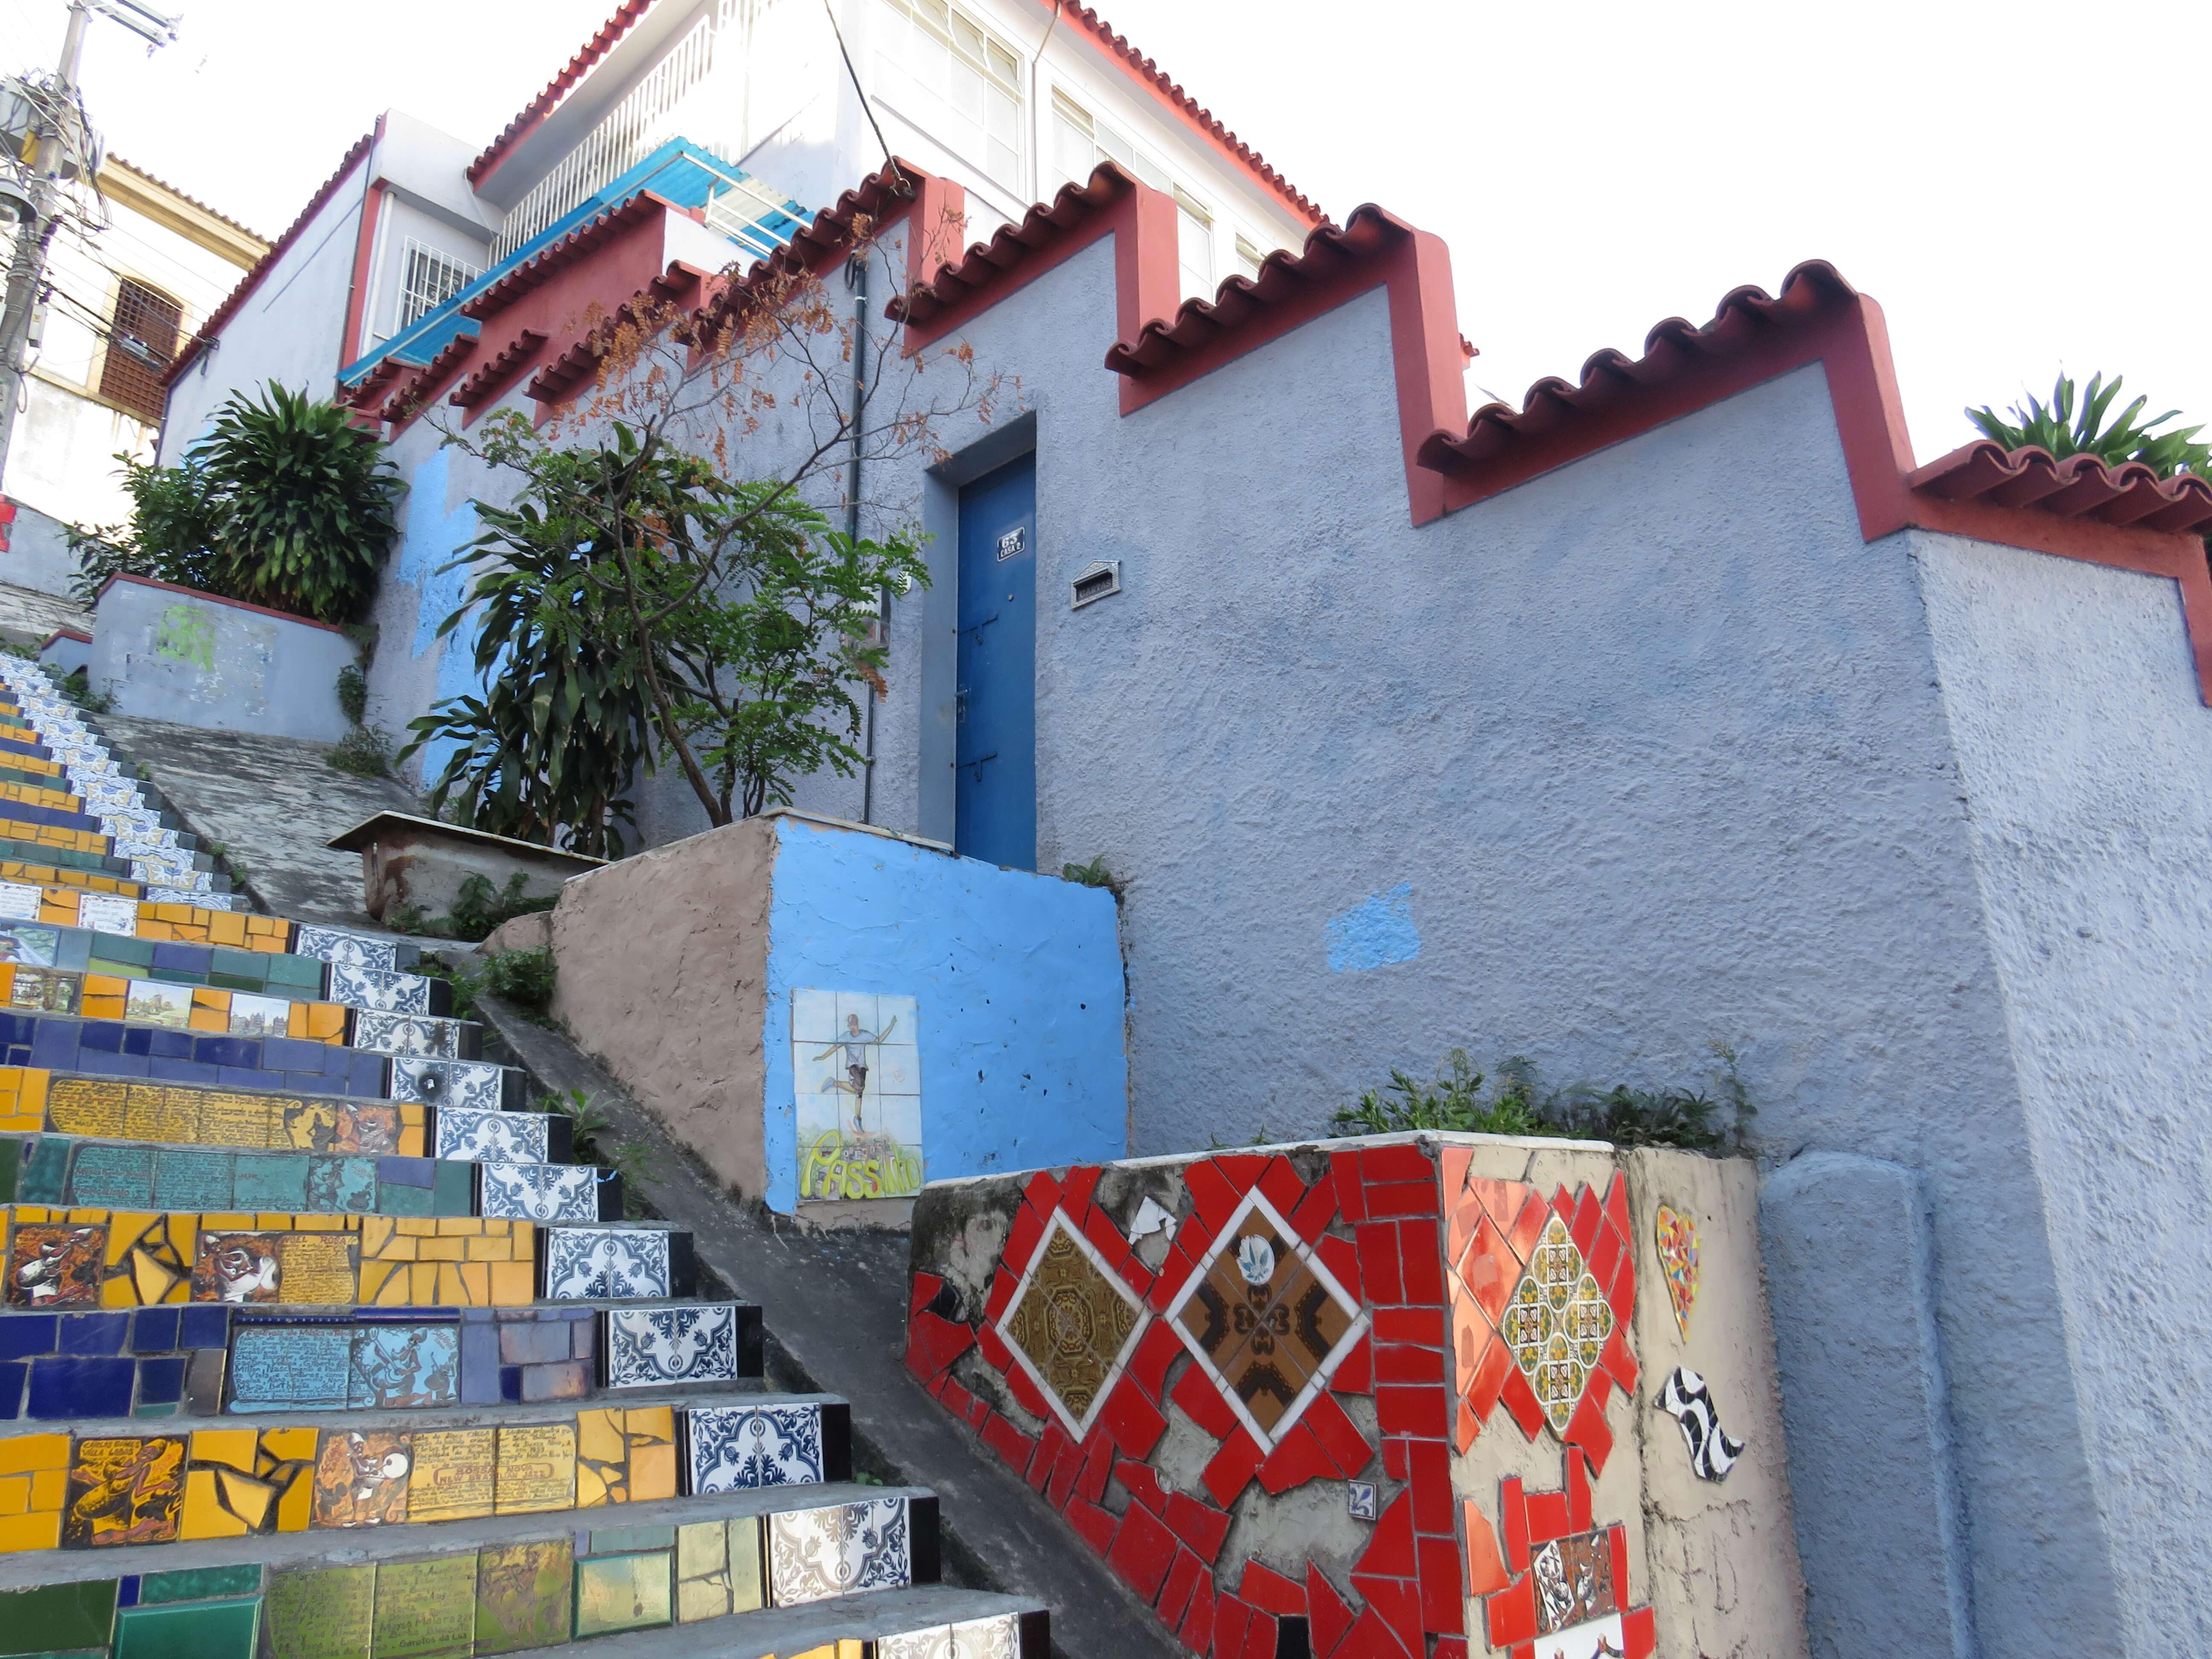 Rio de Janeiro Sehenswürdigkeiten: Die bunten Treppen von LAPA